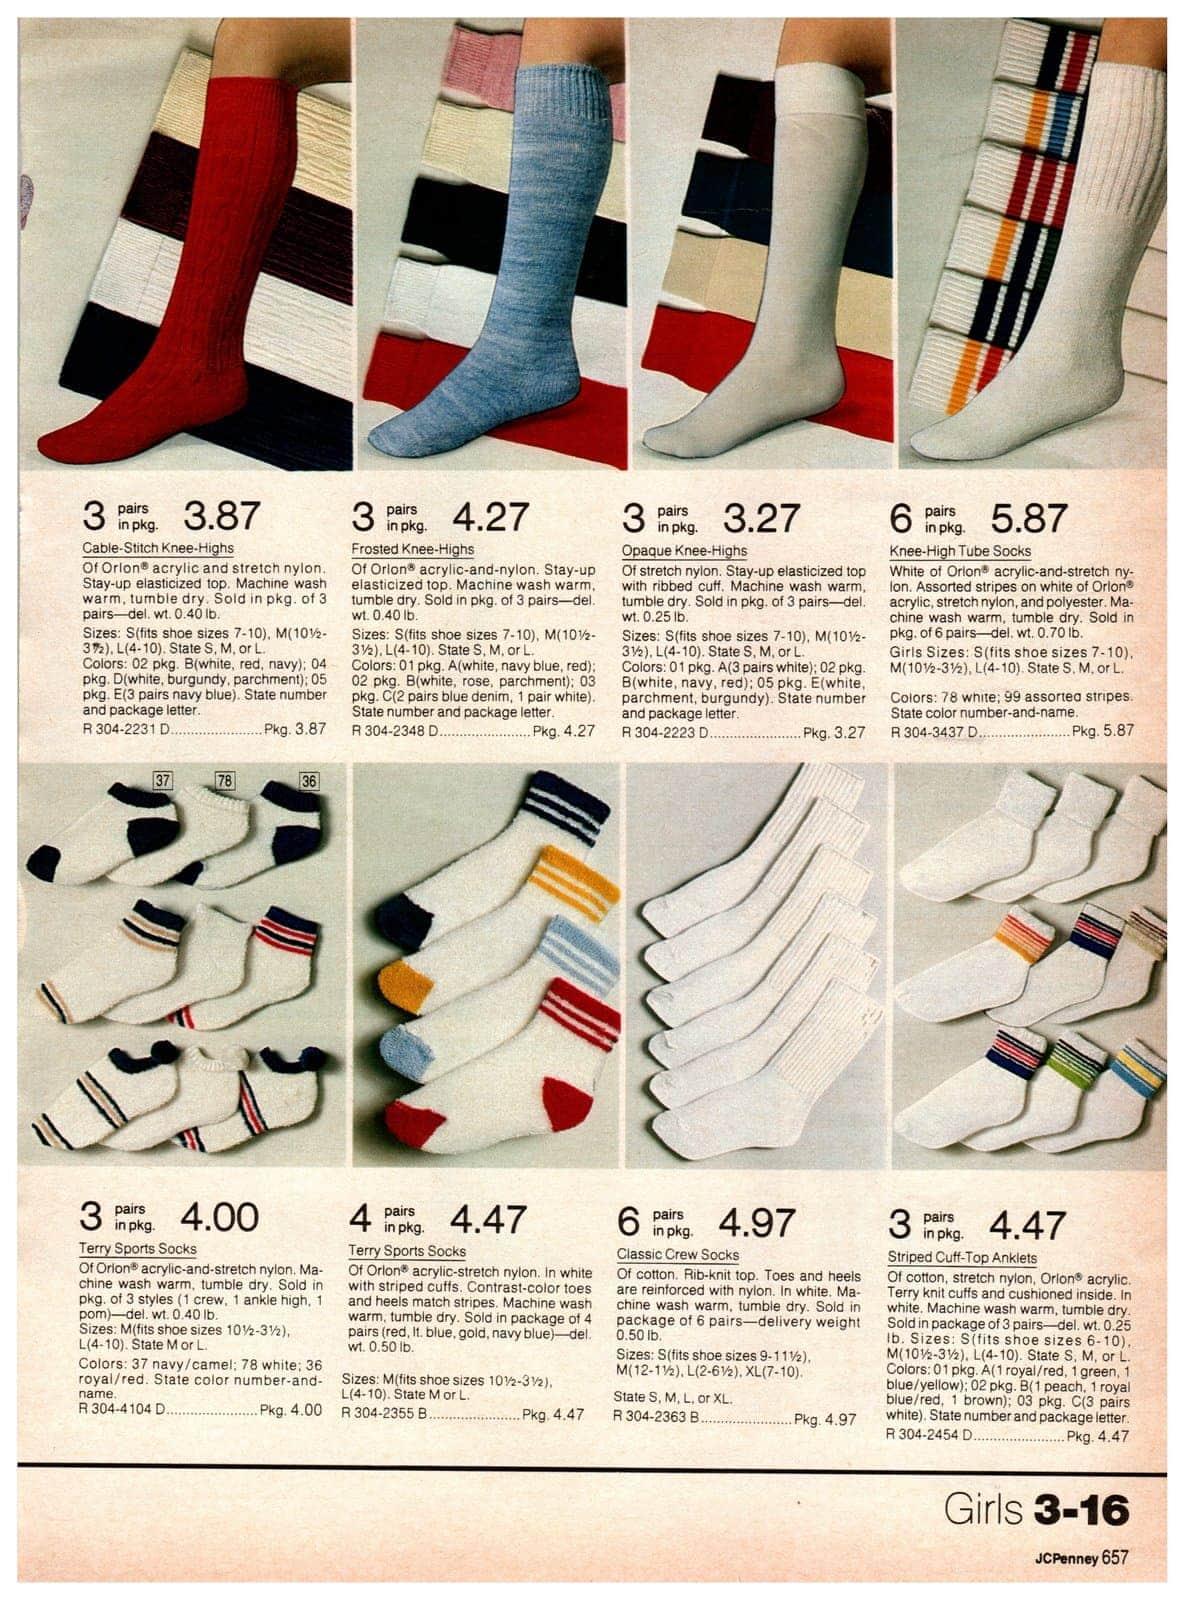 Knee-high socks for girls, terry sports socks, crew socks, tube socks and knee-highs